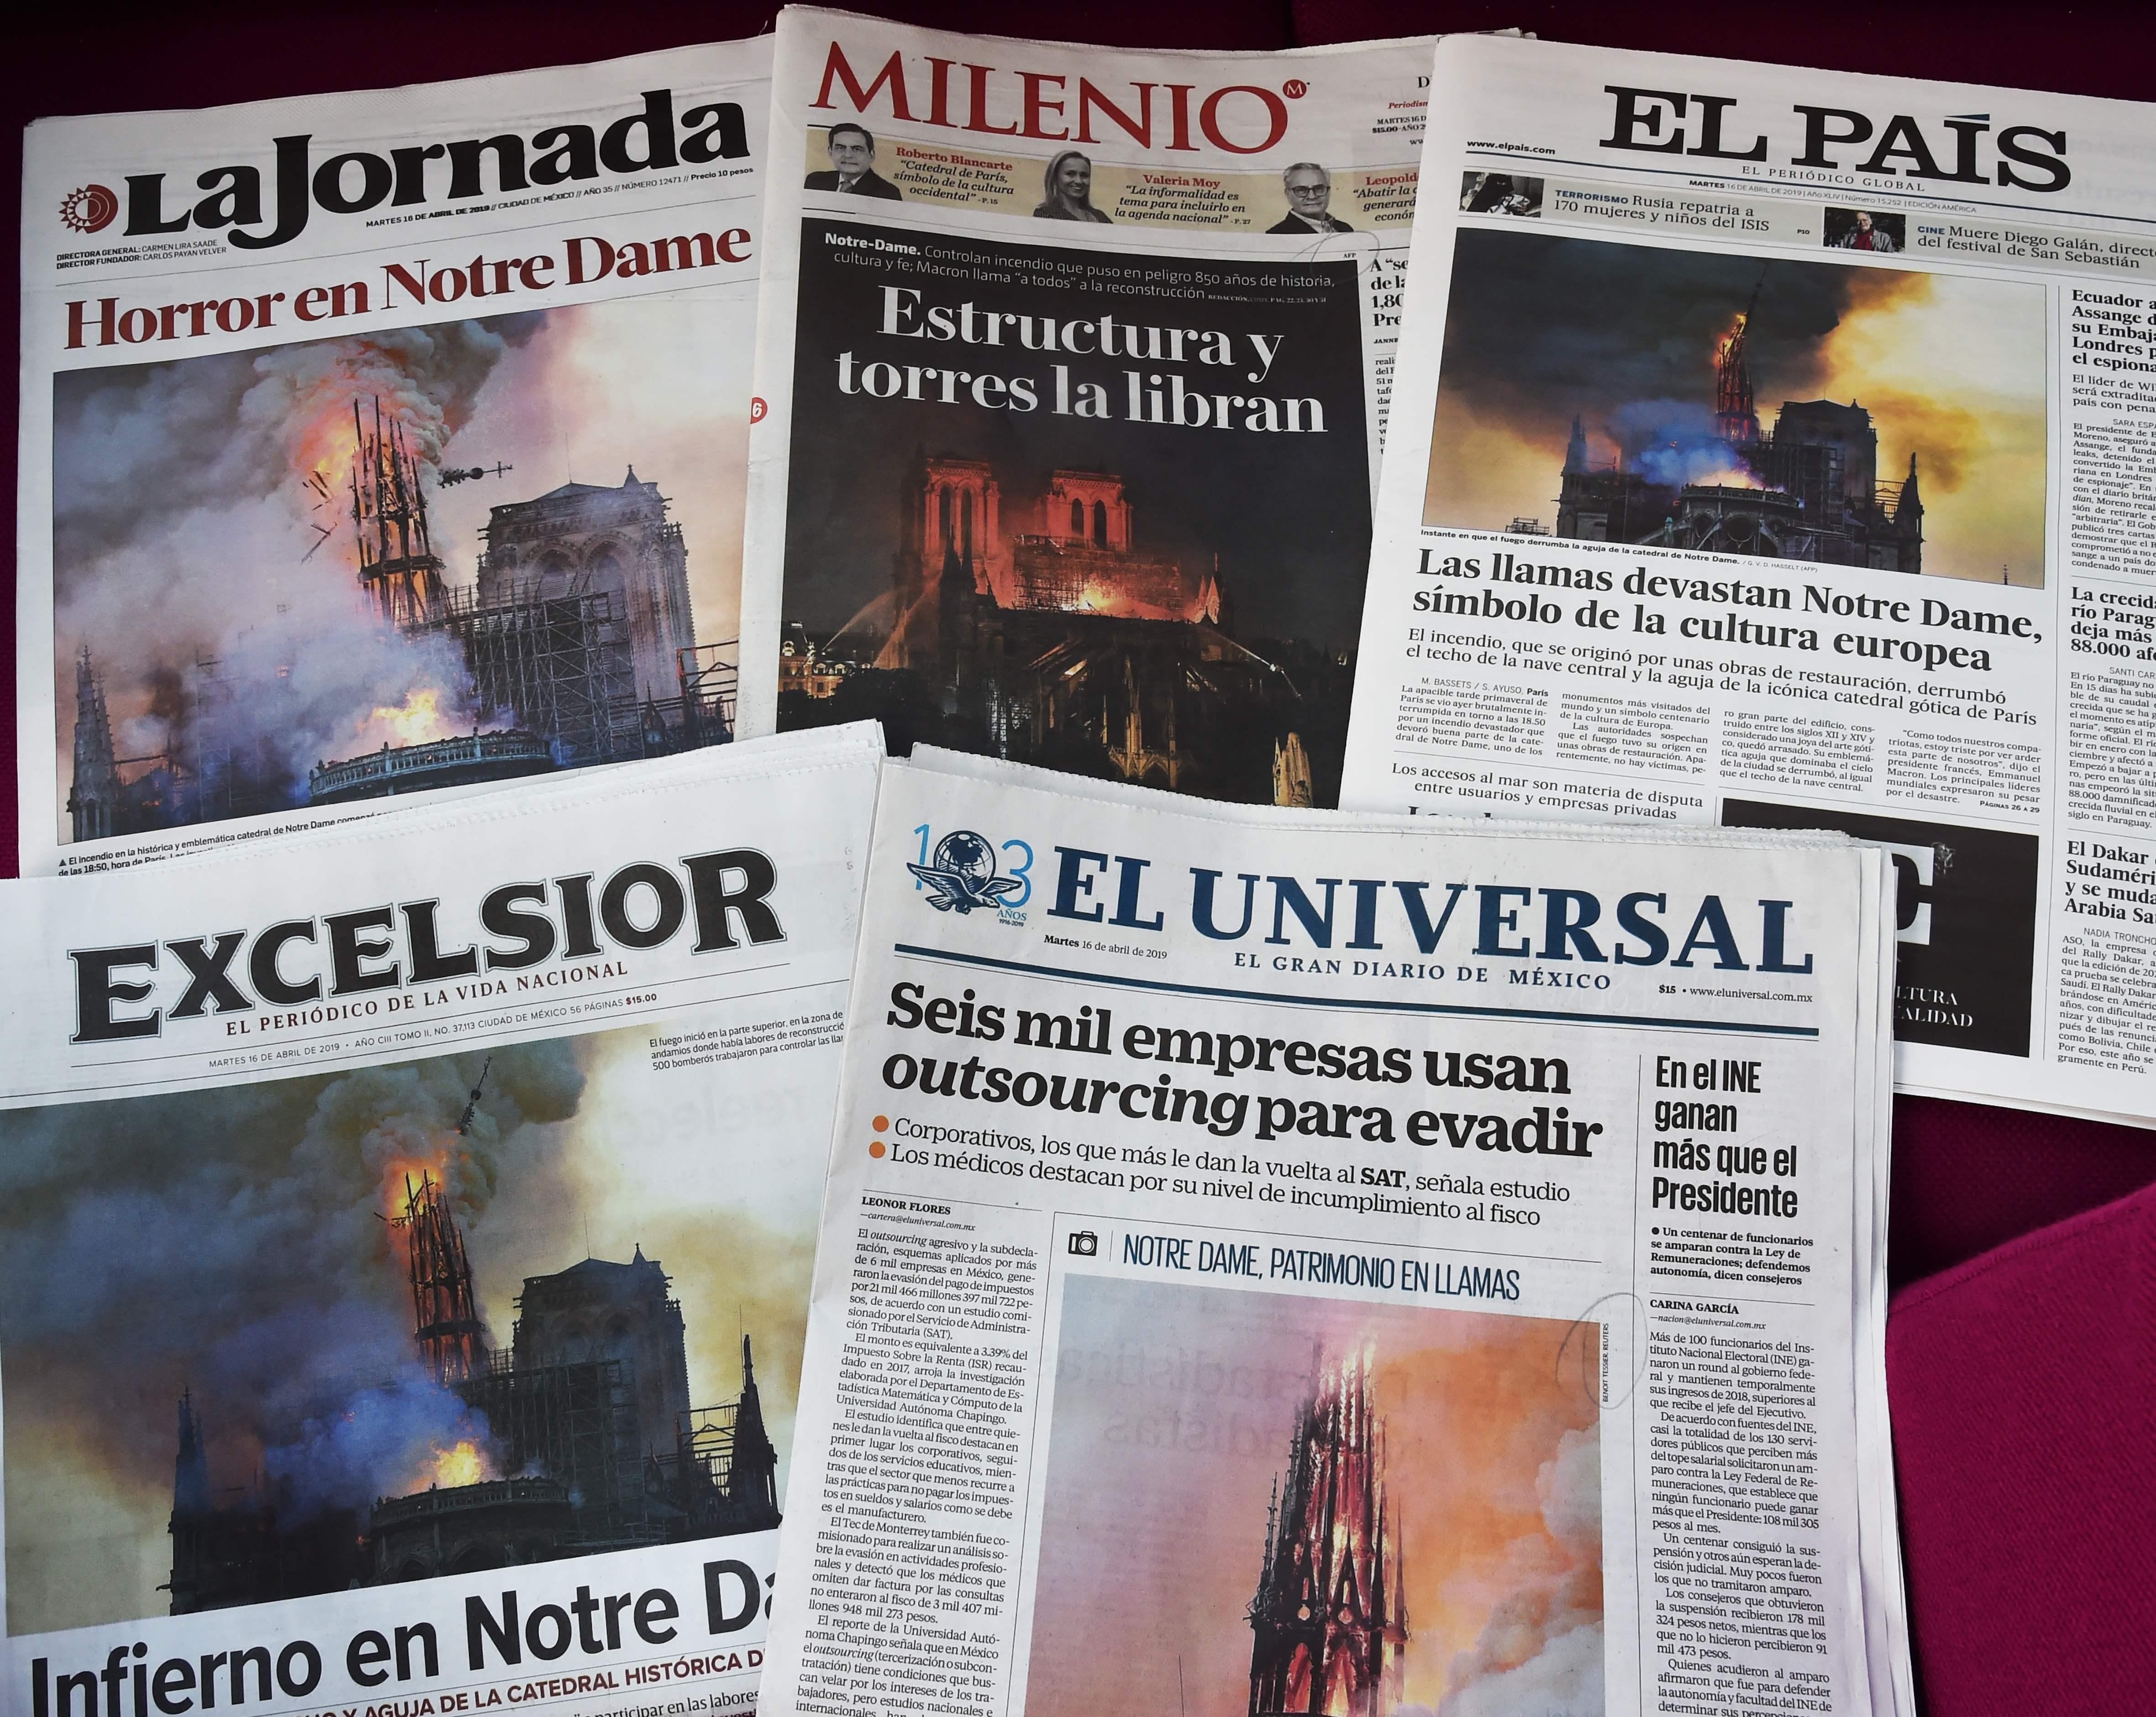 La noticia del incendio en la Catedral de Notre Dame en París, Francia, conmovió al mundo. Foto Prensa Libre: EFE